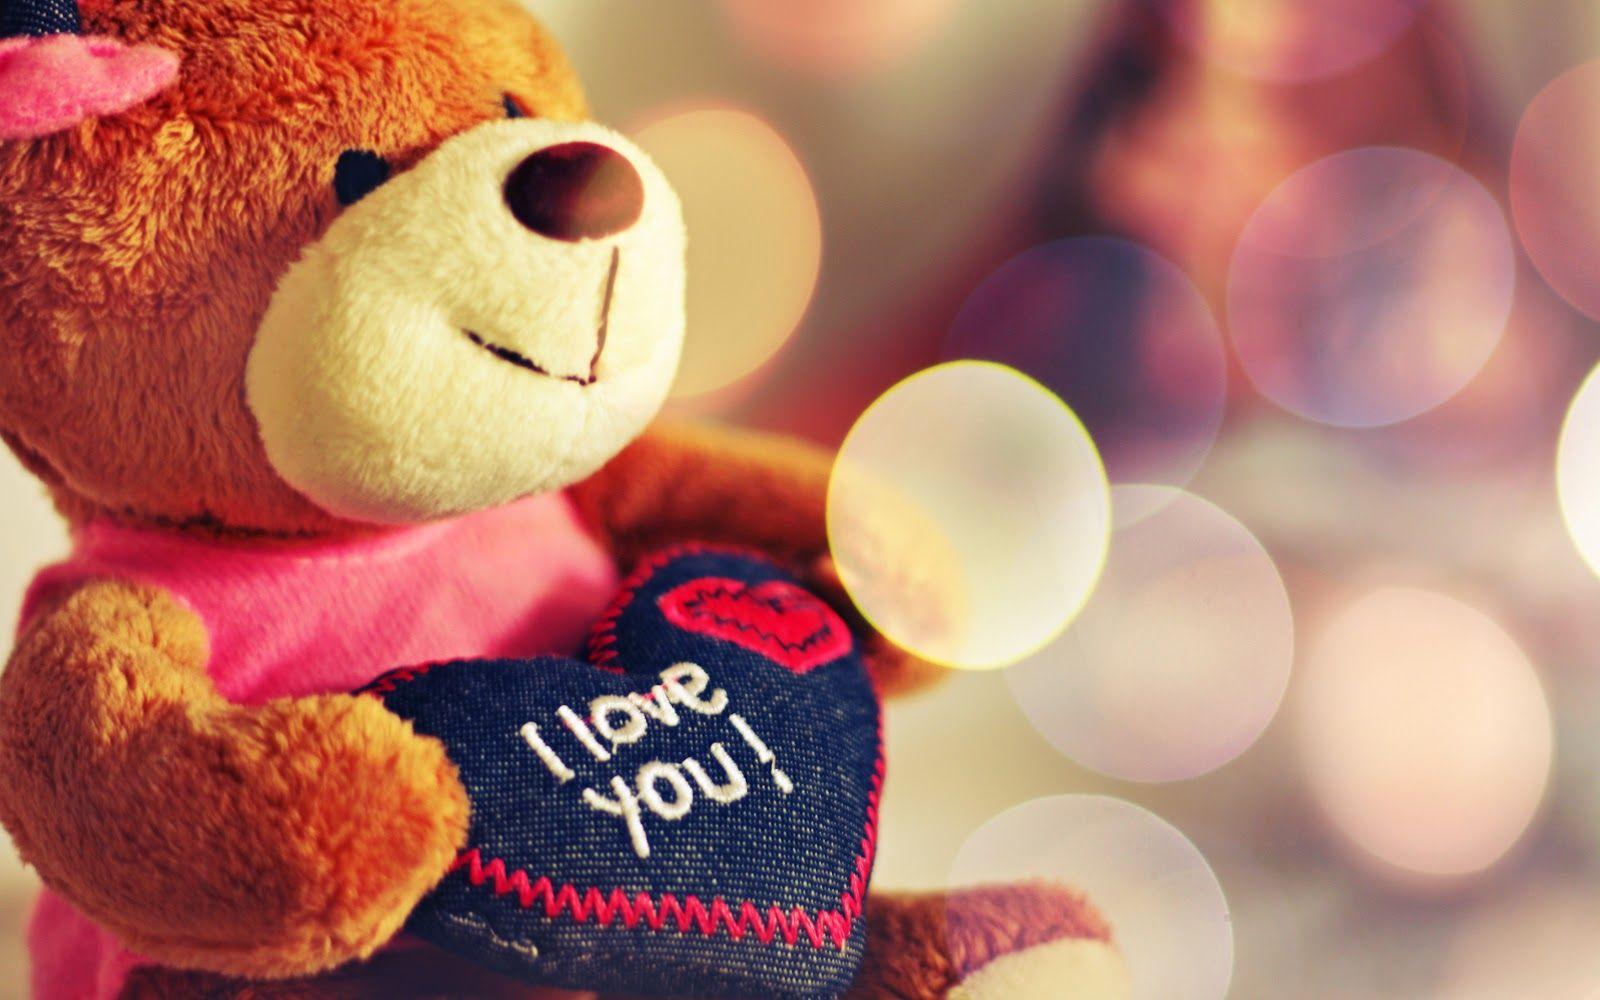 صور دباديب حب رومانسية 2014 خلفيات دبدوب وقلوب رومانسية 2014 صور دباديب حب رومانسية 2015 خلفيات دبدوب وقل Teddy Day Wallpapers Teddy Day Teddy Bear Images